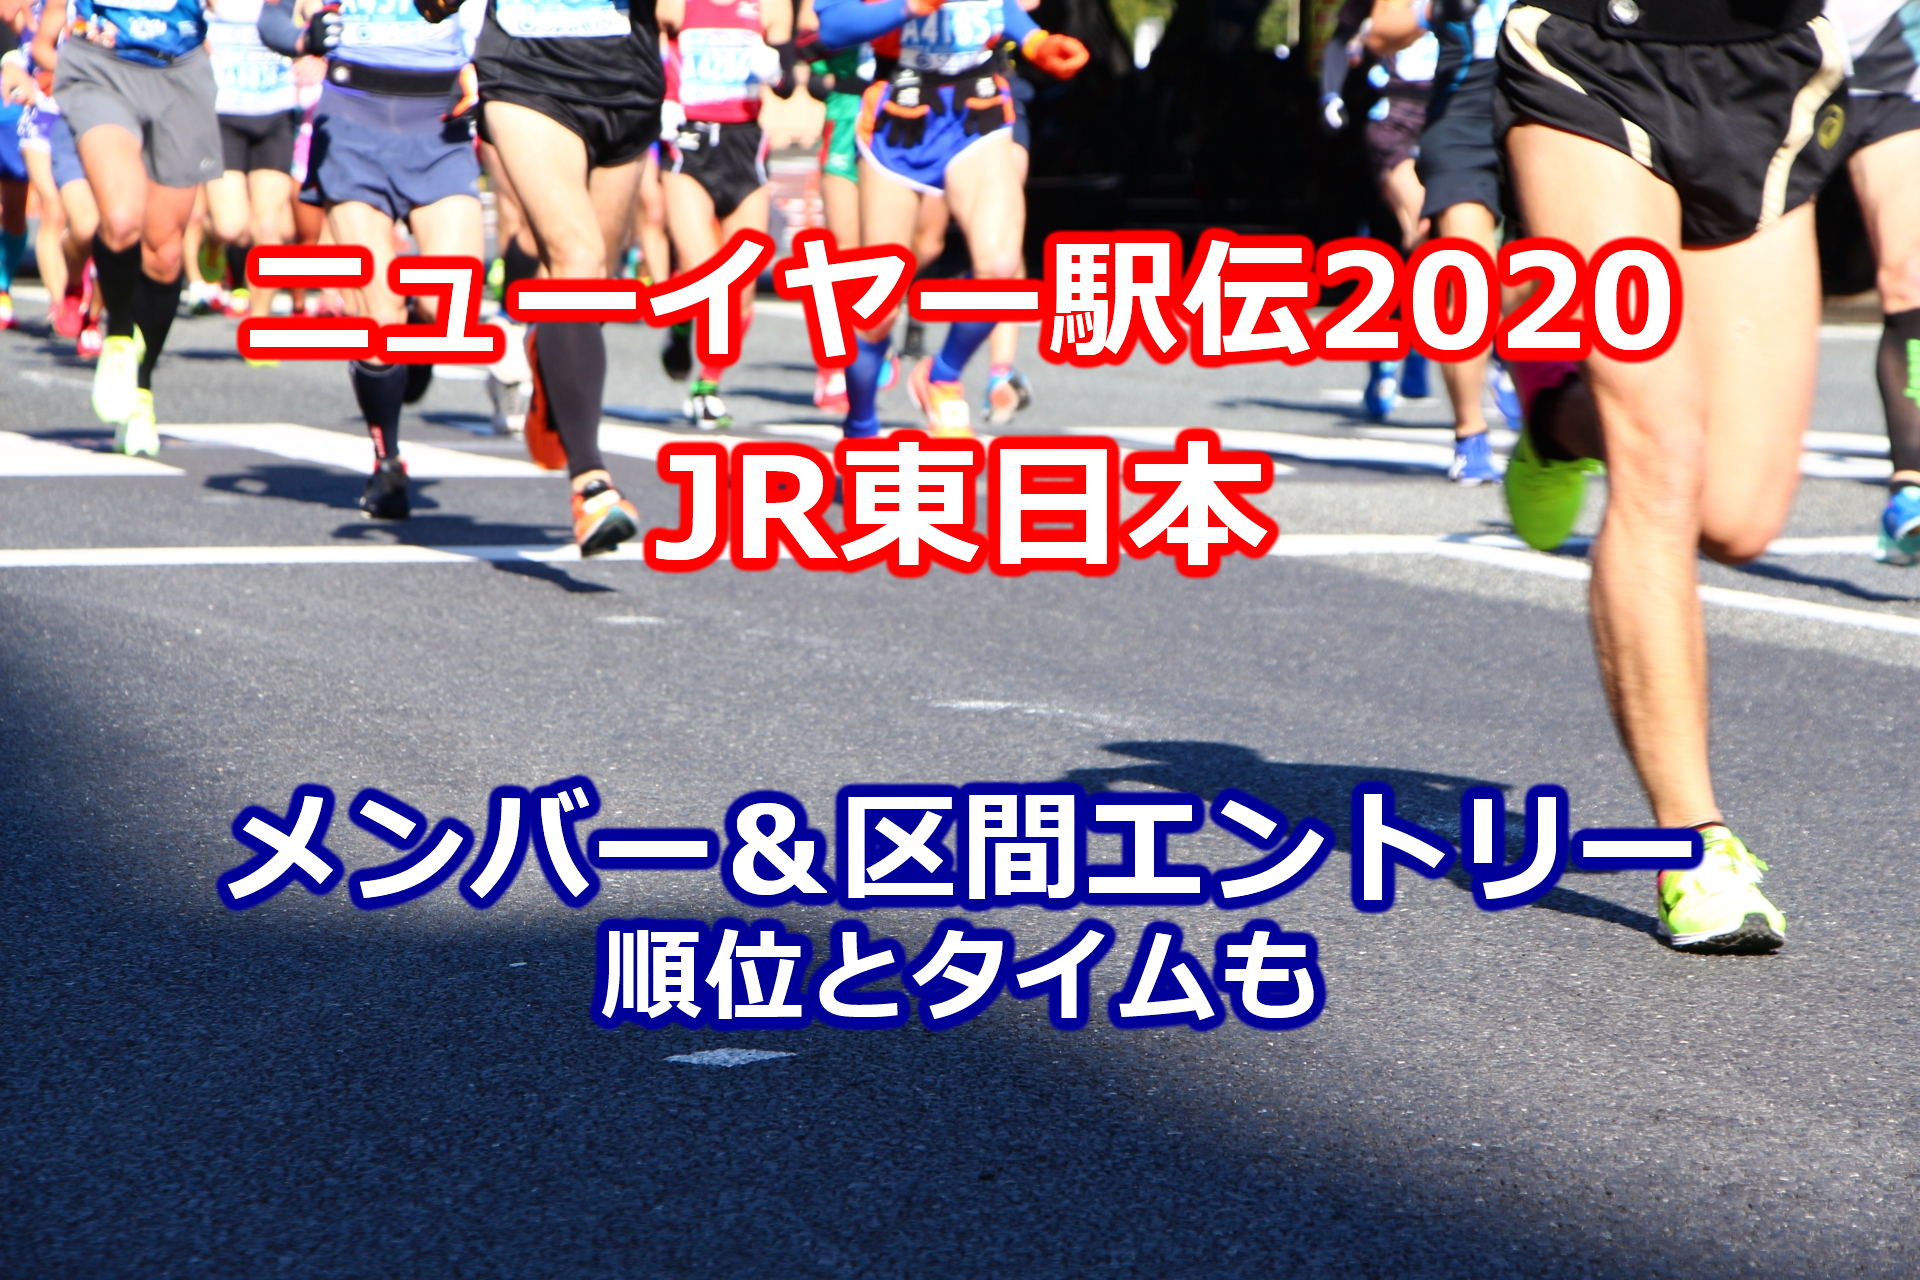 ニューイヤー駅伝2020JR東日本メンバー・区間エントリー・結果・順位・タイムまとめ